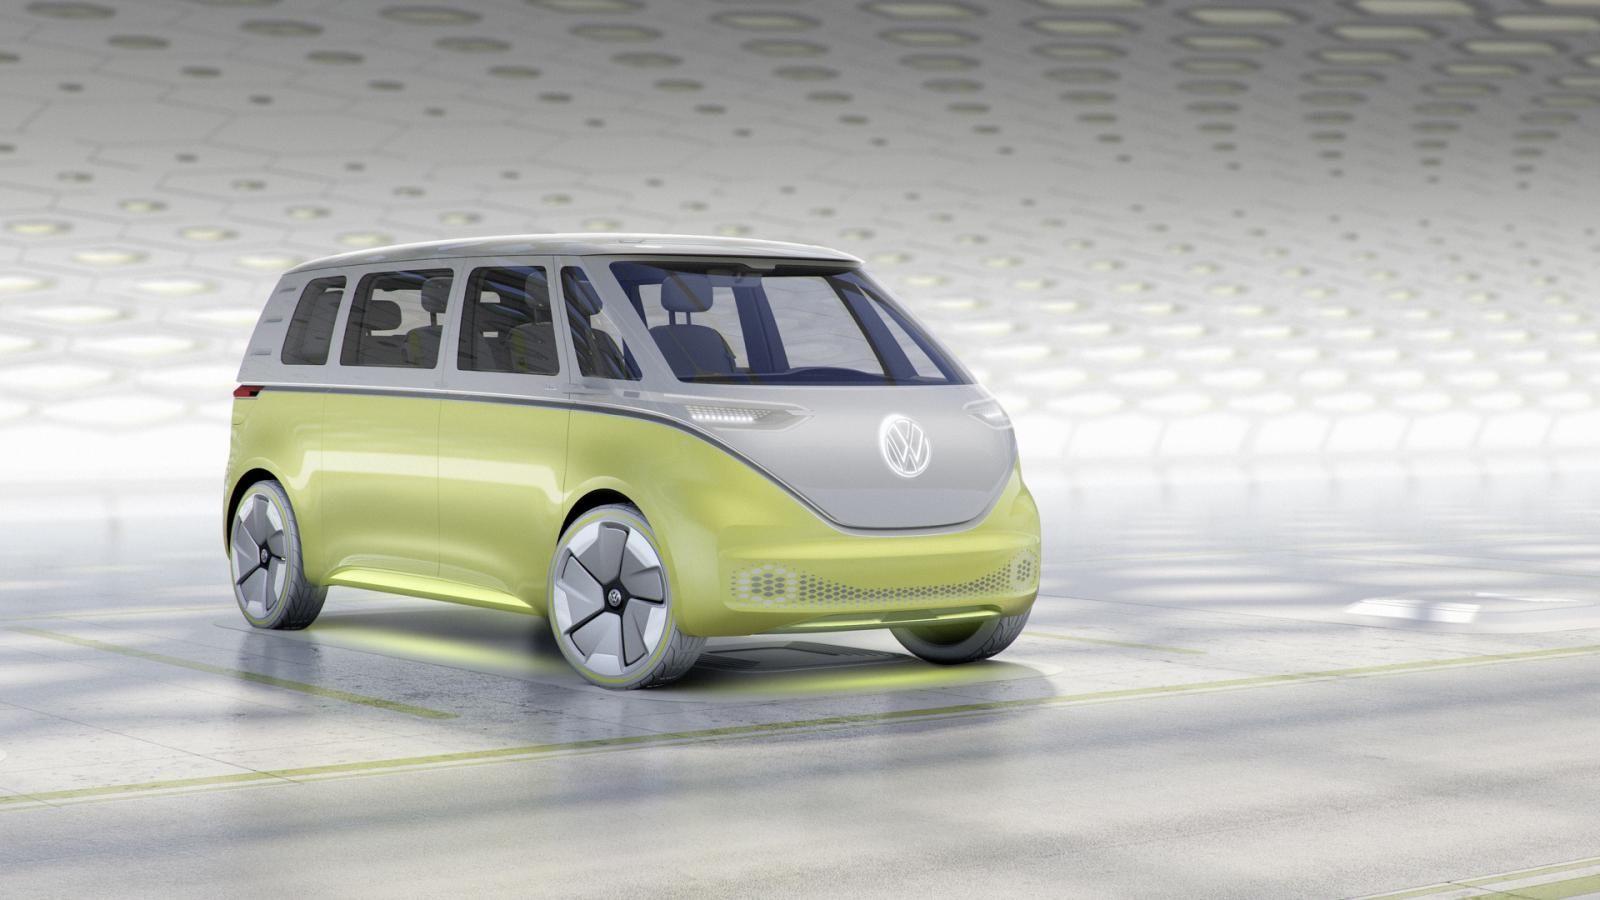 VW представил концептуальный автомобиль беспилотного микроавтобуса I. D. Buzz